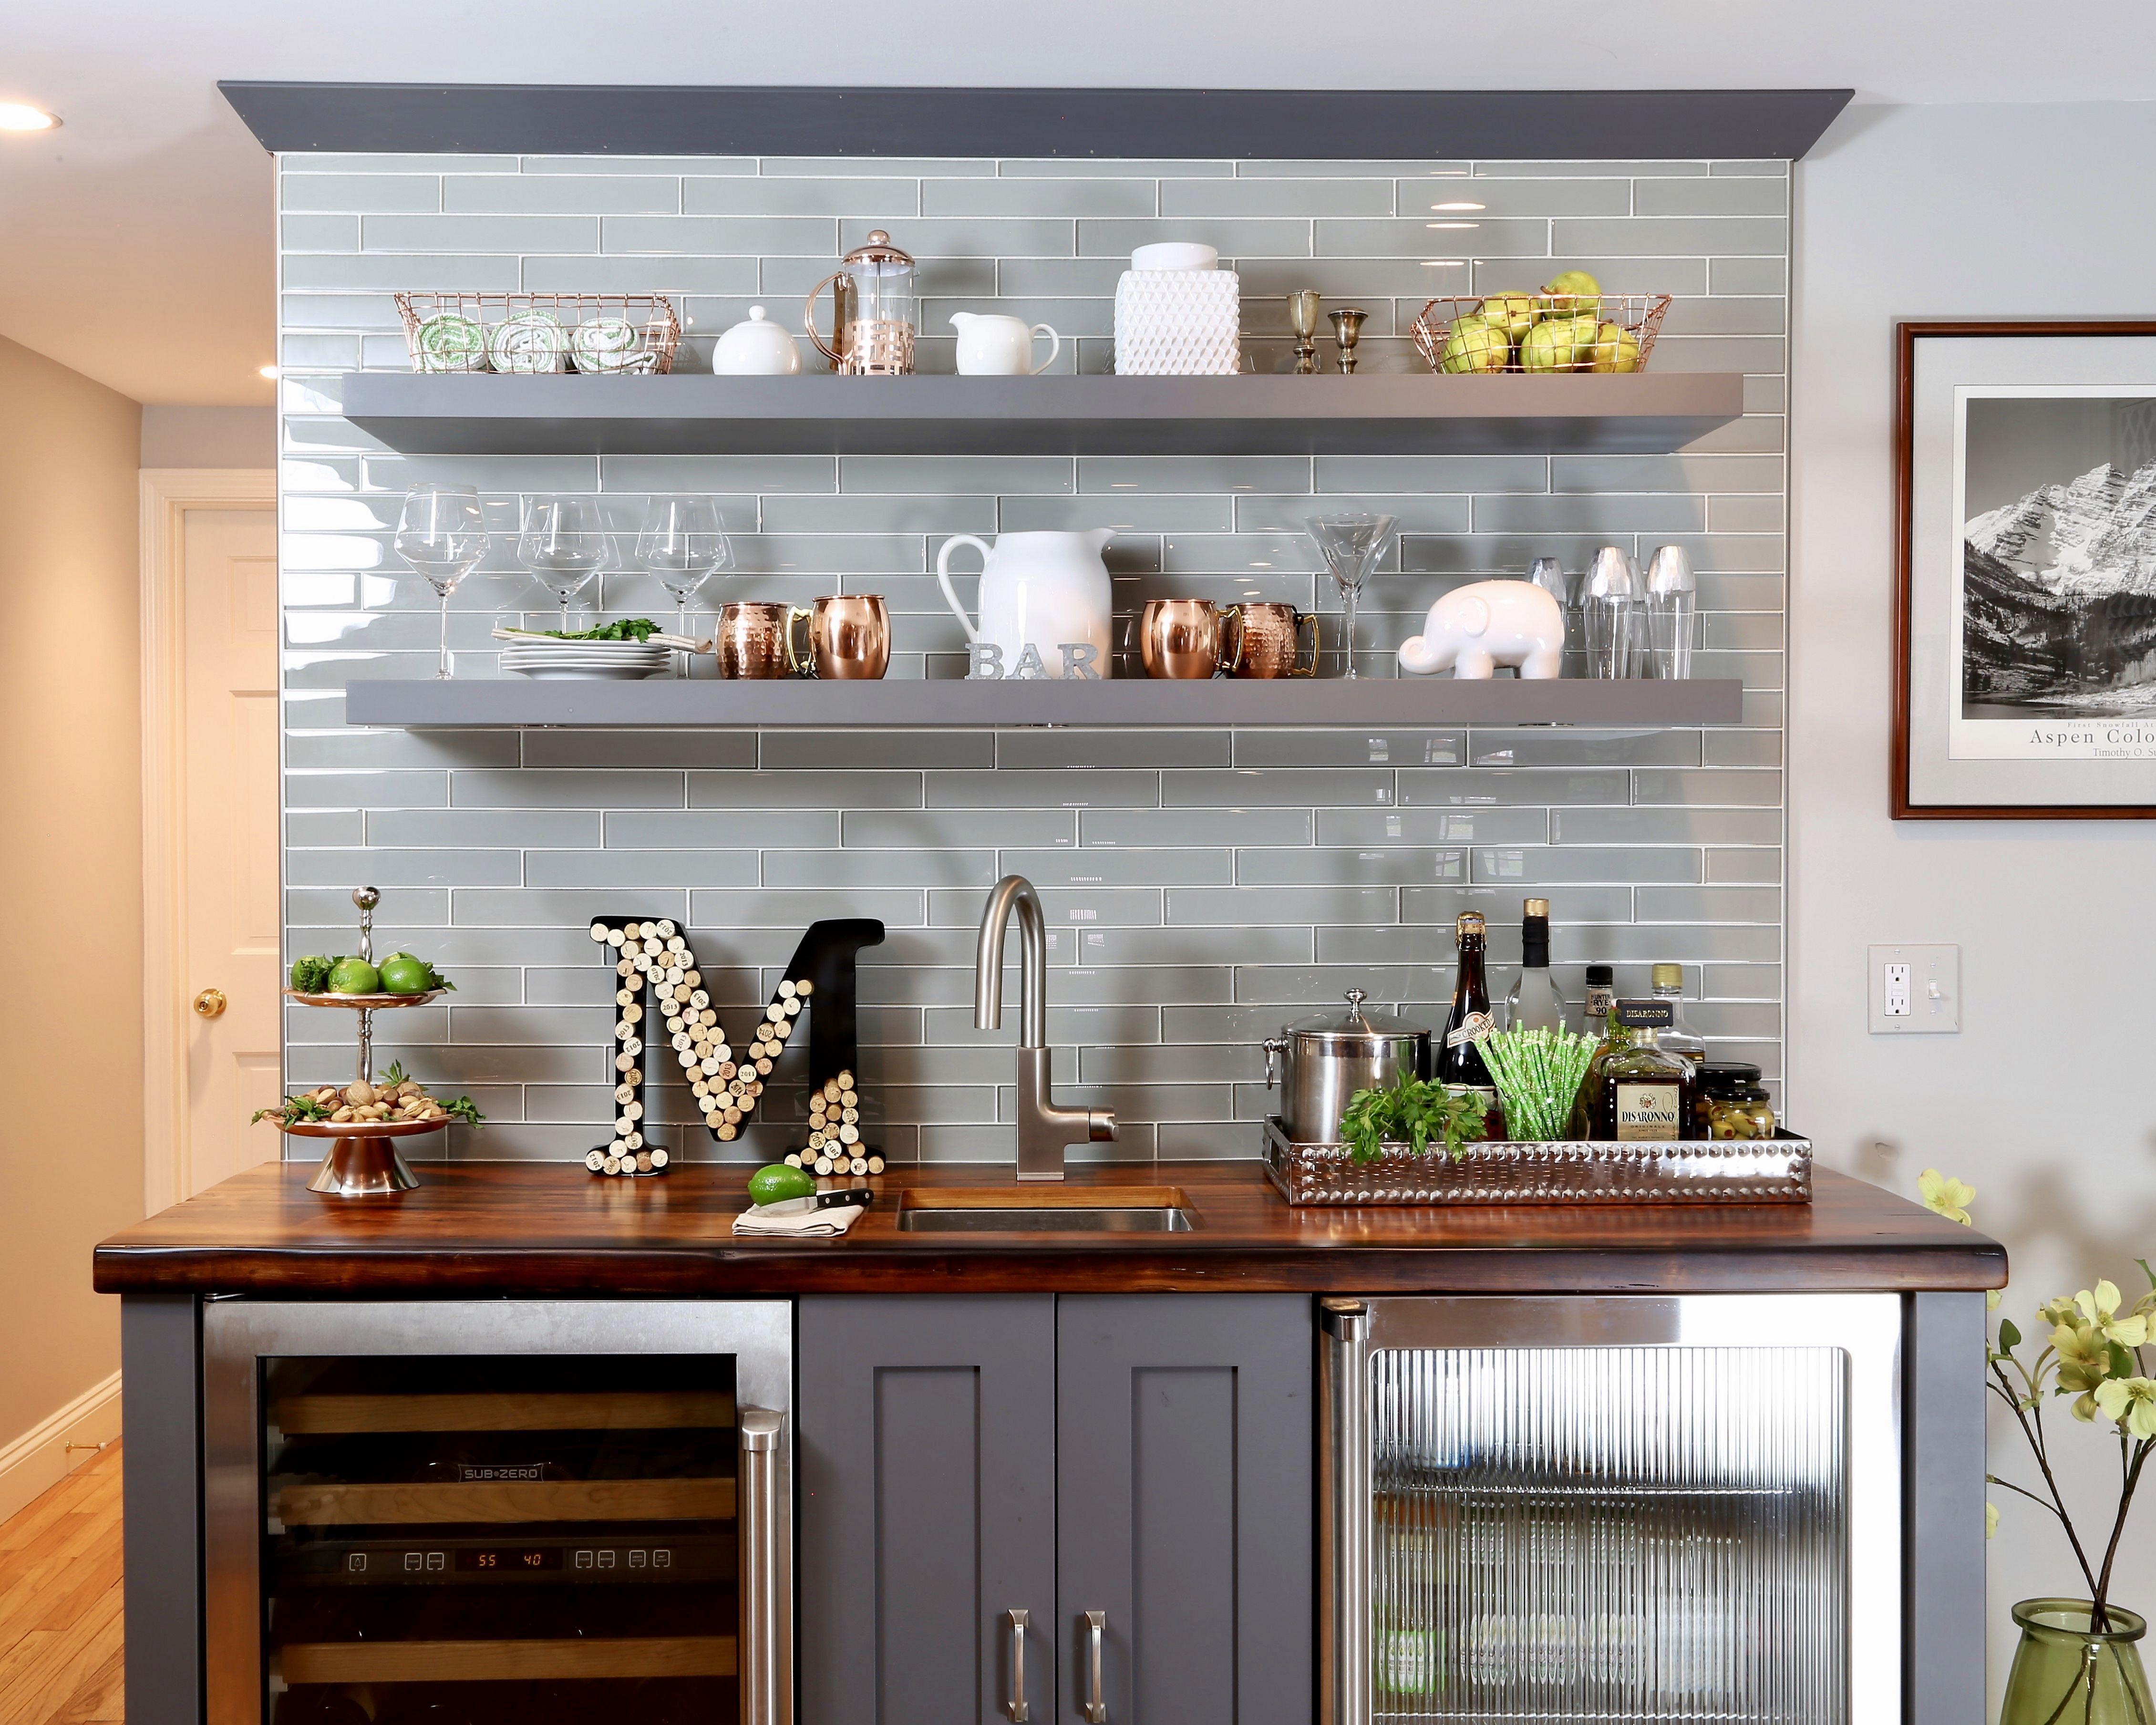 20 Inspiring Floating Kitchen Shelves Design And ...